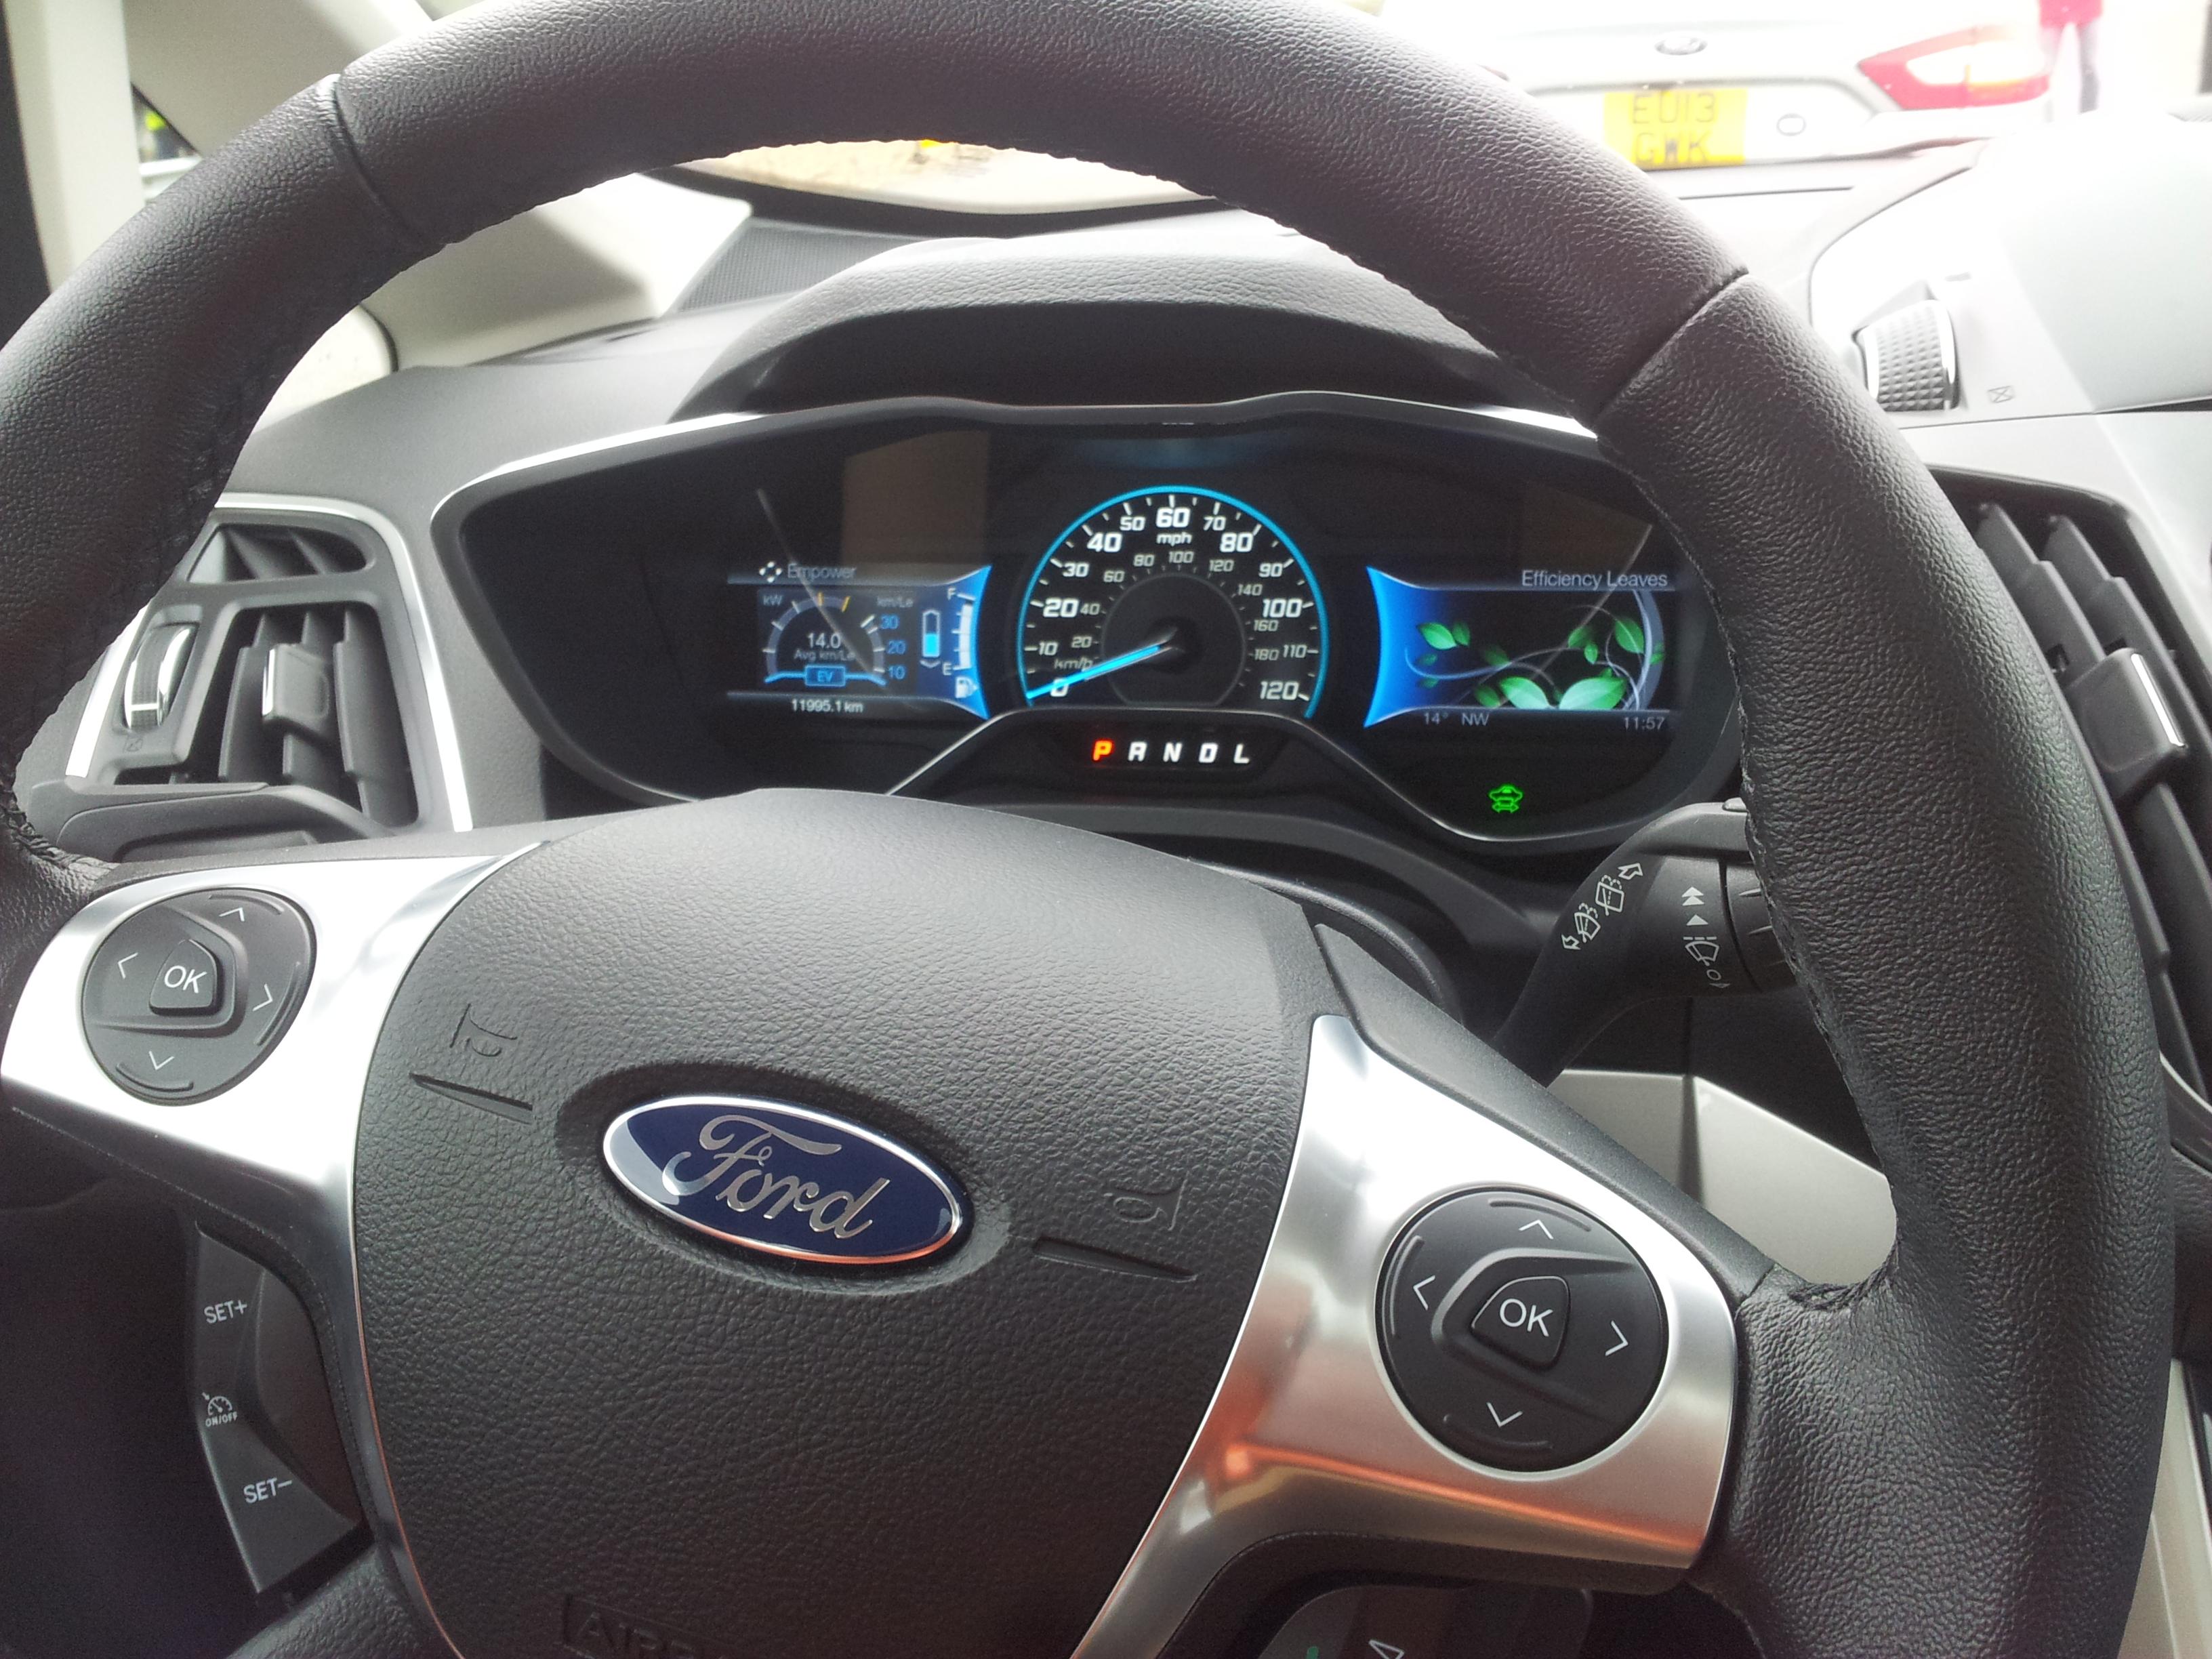 Tam, gdzie znaki nakazują jazdę z prędkością nie mniejszą niż 160 km/h